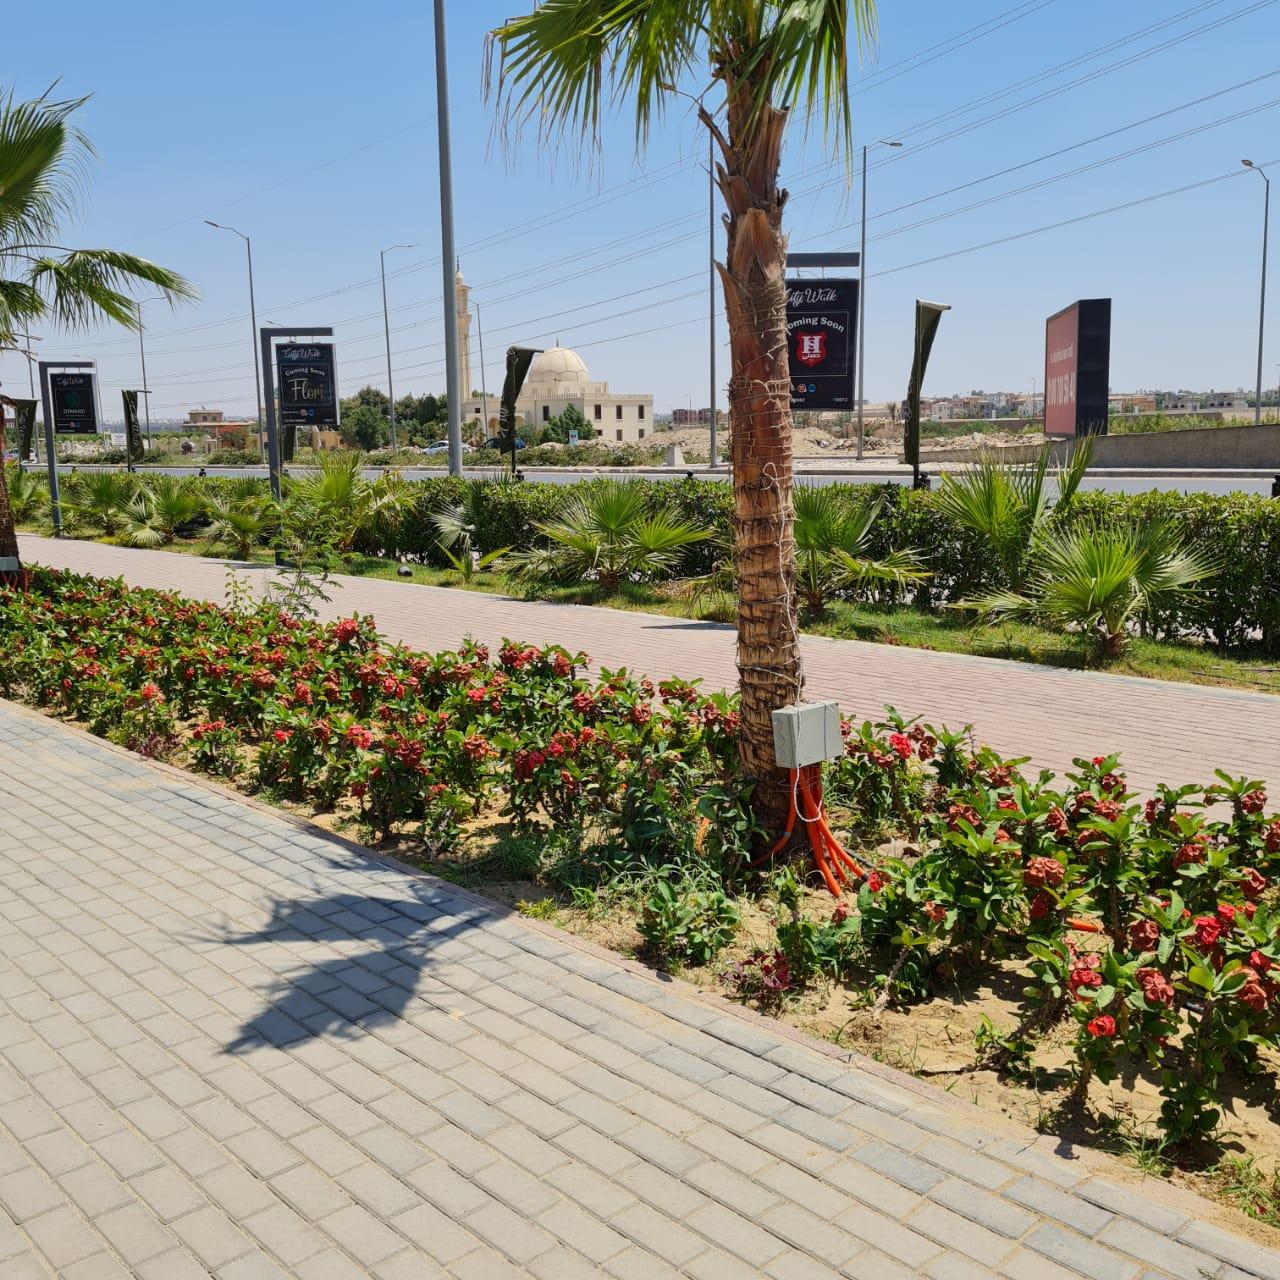 رئيس جهاز الشيخ زايد: الانتهاء من تنفيذ الممشي السياحى بطول ٦ كم بالواجهة الغربية كمتنزه لسكان المدينة